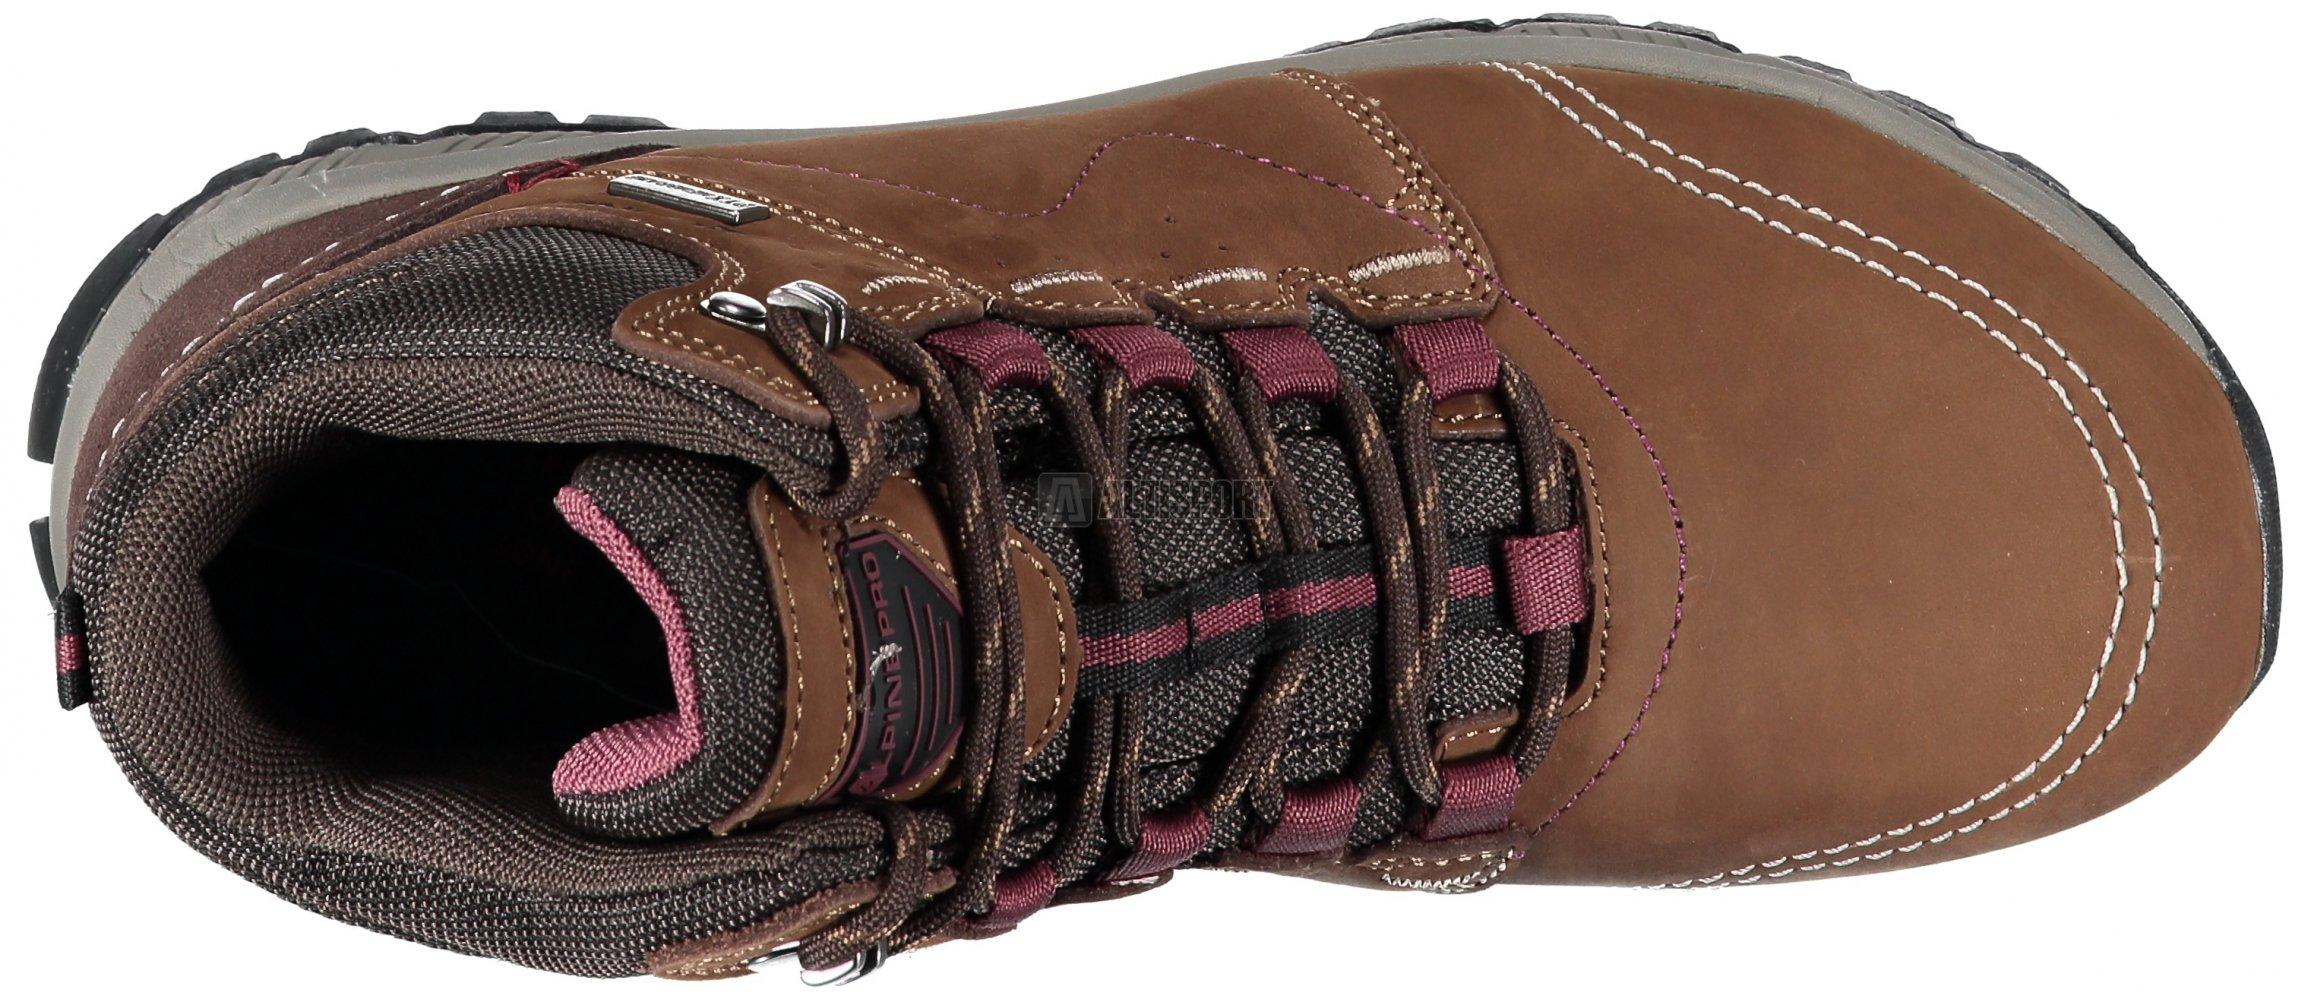 Dámské zimní boty ALPINE PRO ERELA LBTM178 HNĚDÁ velikost  EU 37 (UK ... 8b1a4d6e0ec